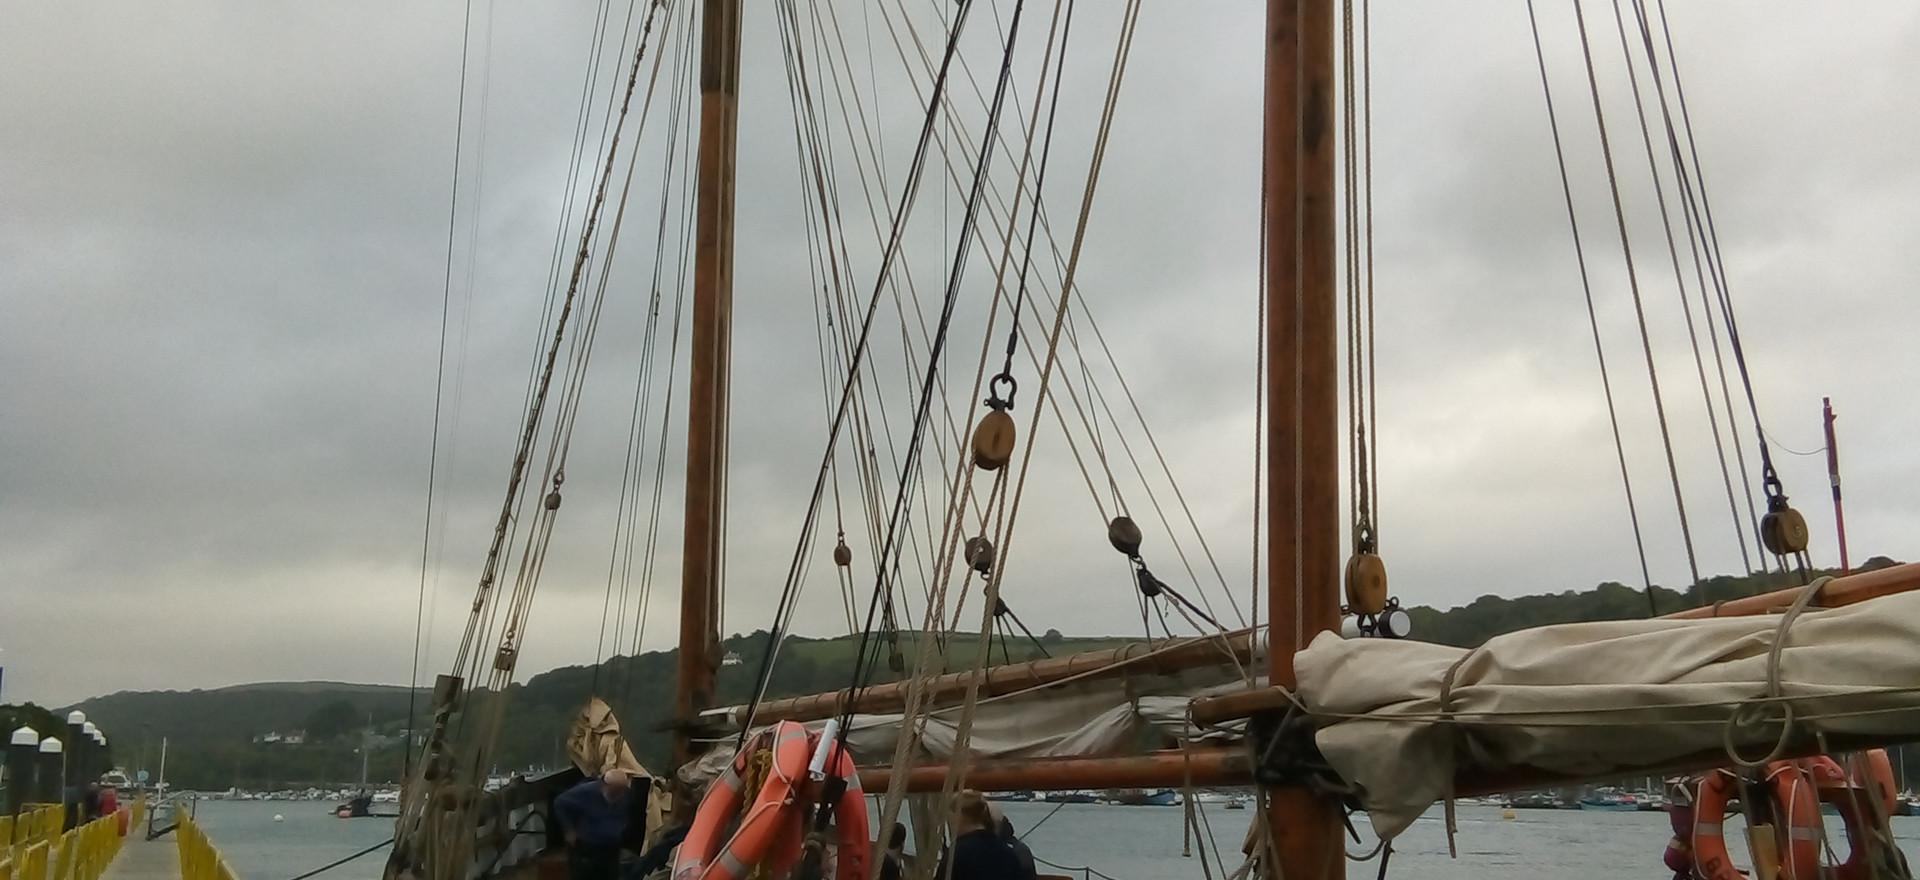 Ship at peir